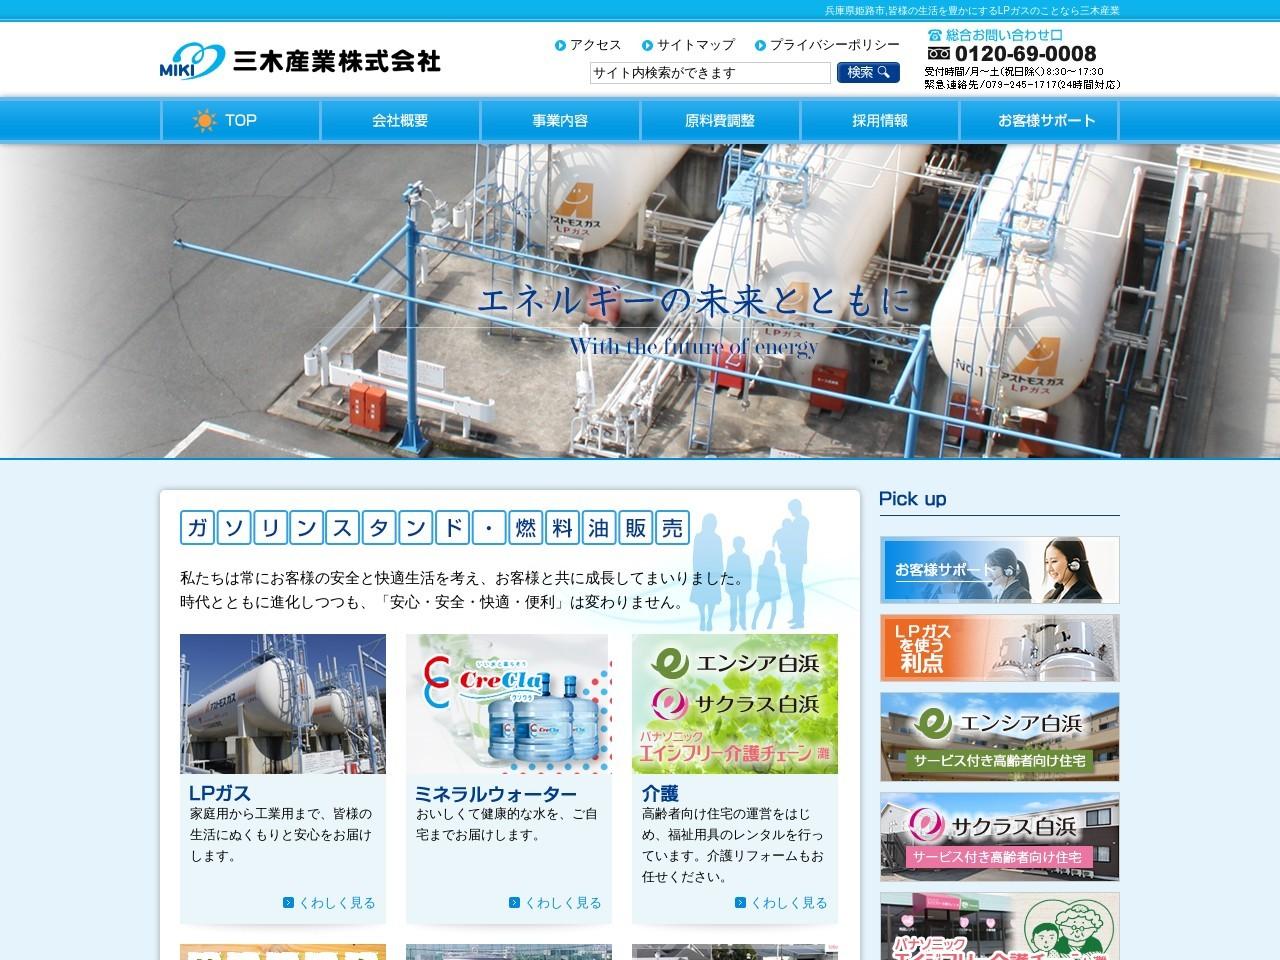 三木産業株式会社 | 兵庫県の姫路・播磨地域を中心にLPガス・ガス器具の卸販売・小売販売事業を展開しています